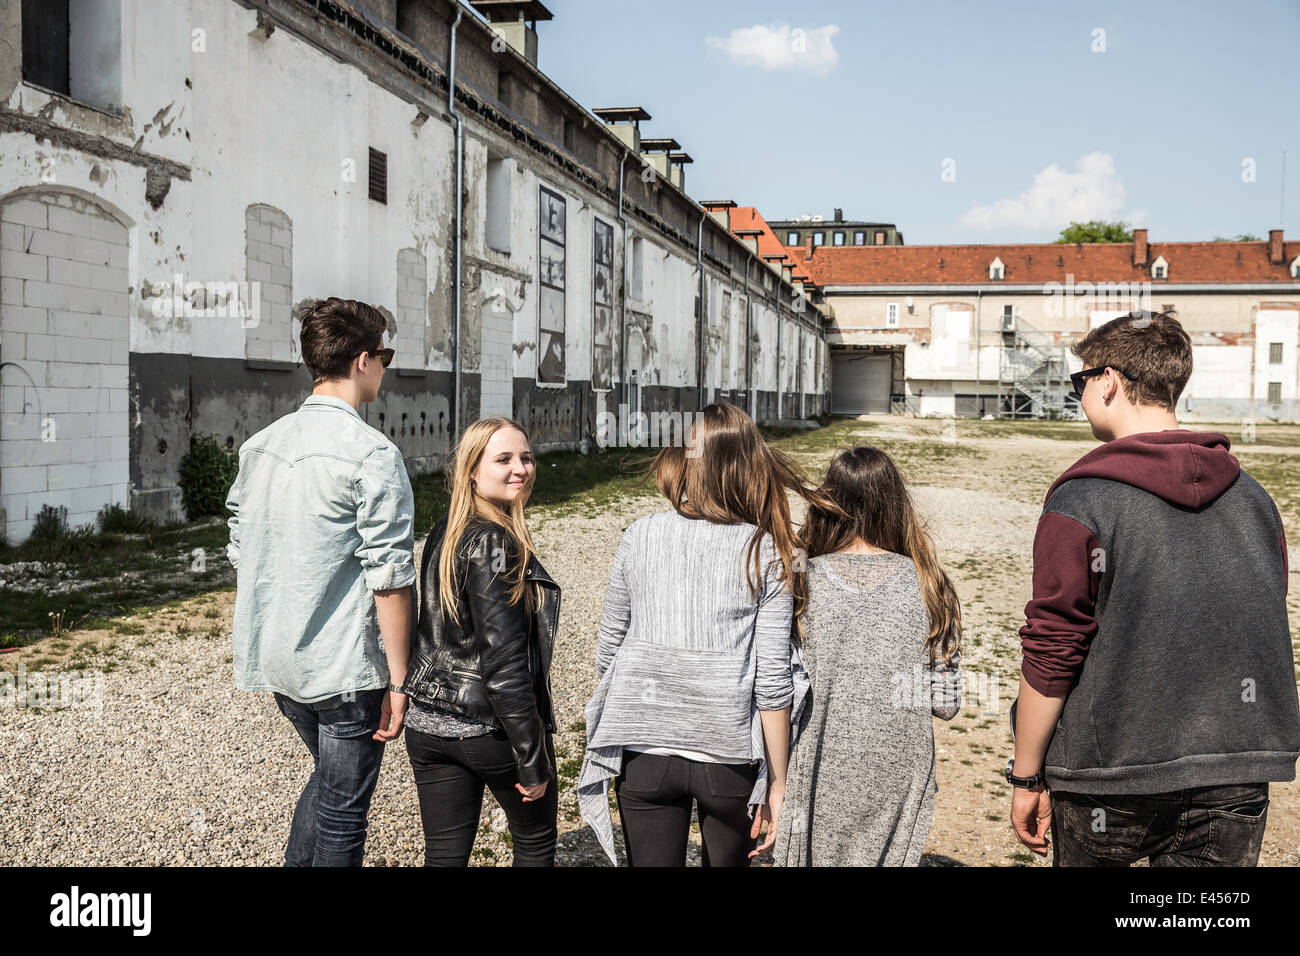 Gli adolescenti passeggiando passato edifici abbandonati Immagini Stock